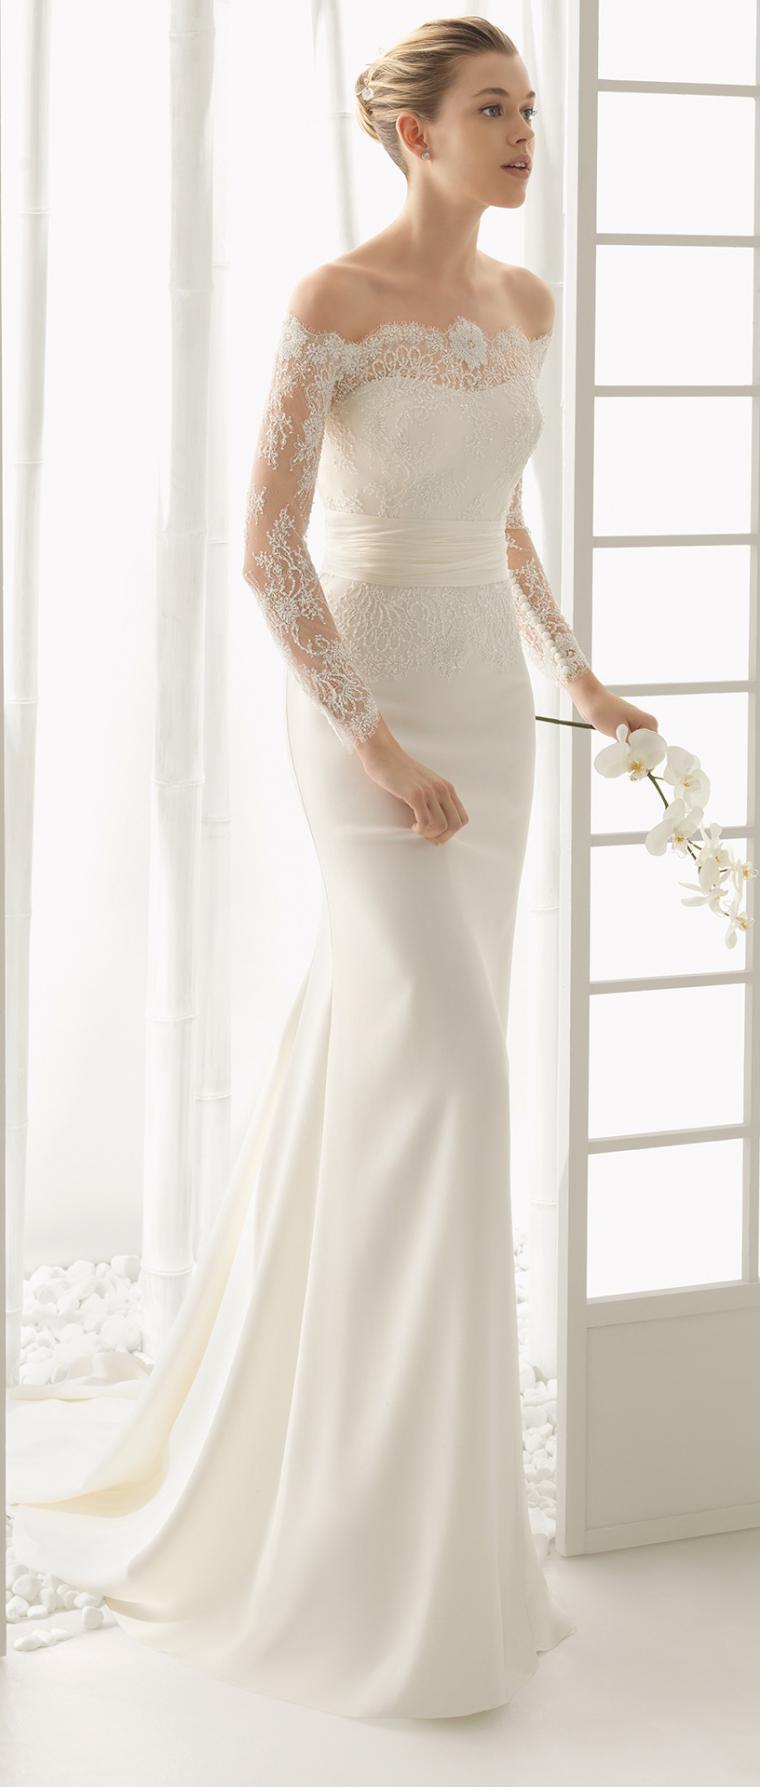 Распродажа коллекции свадебных платьев